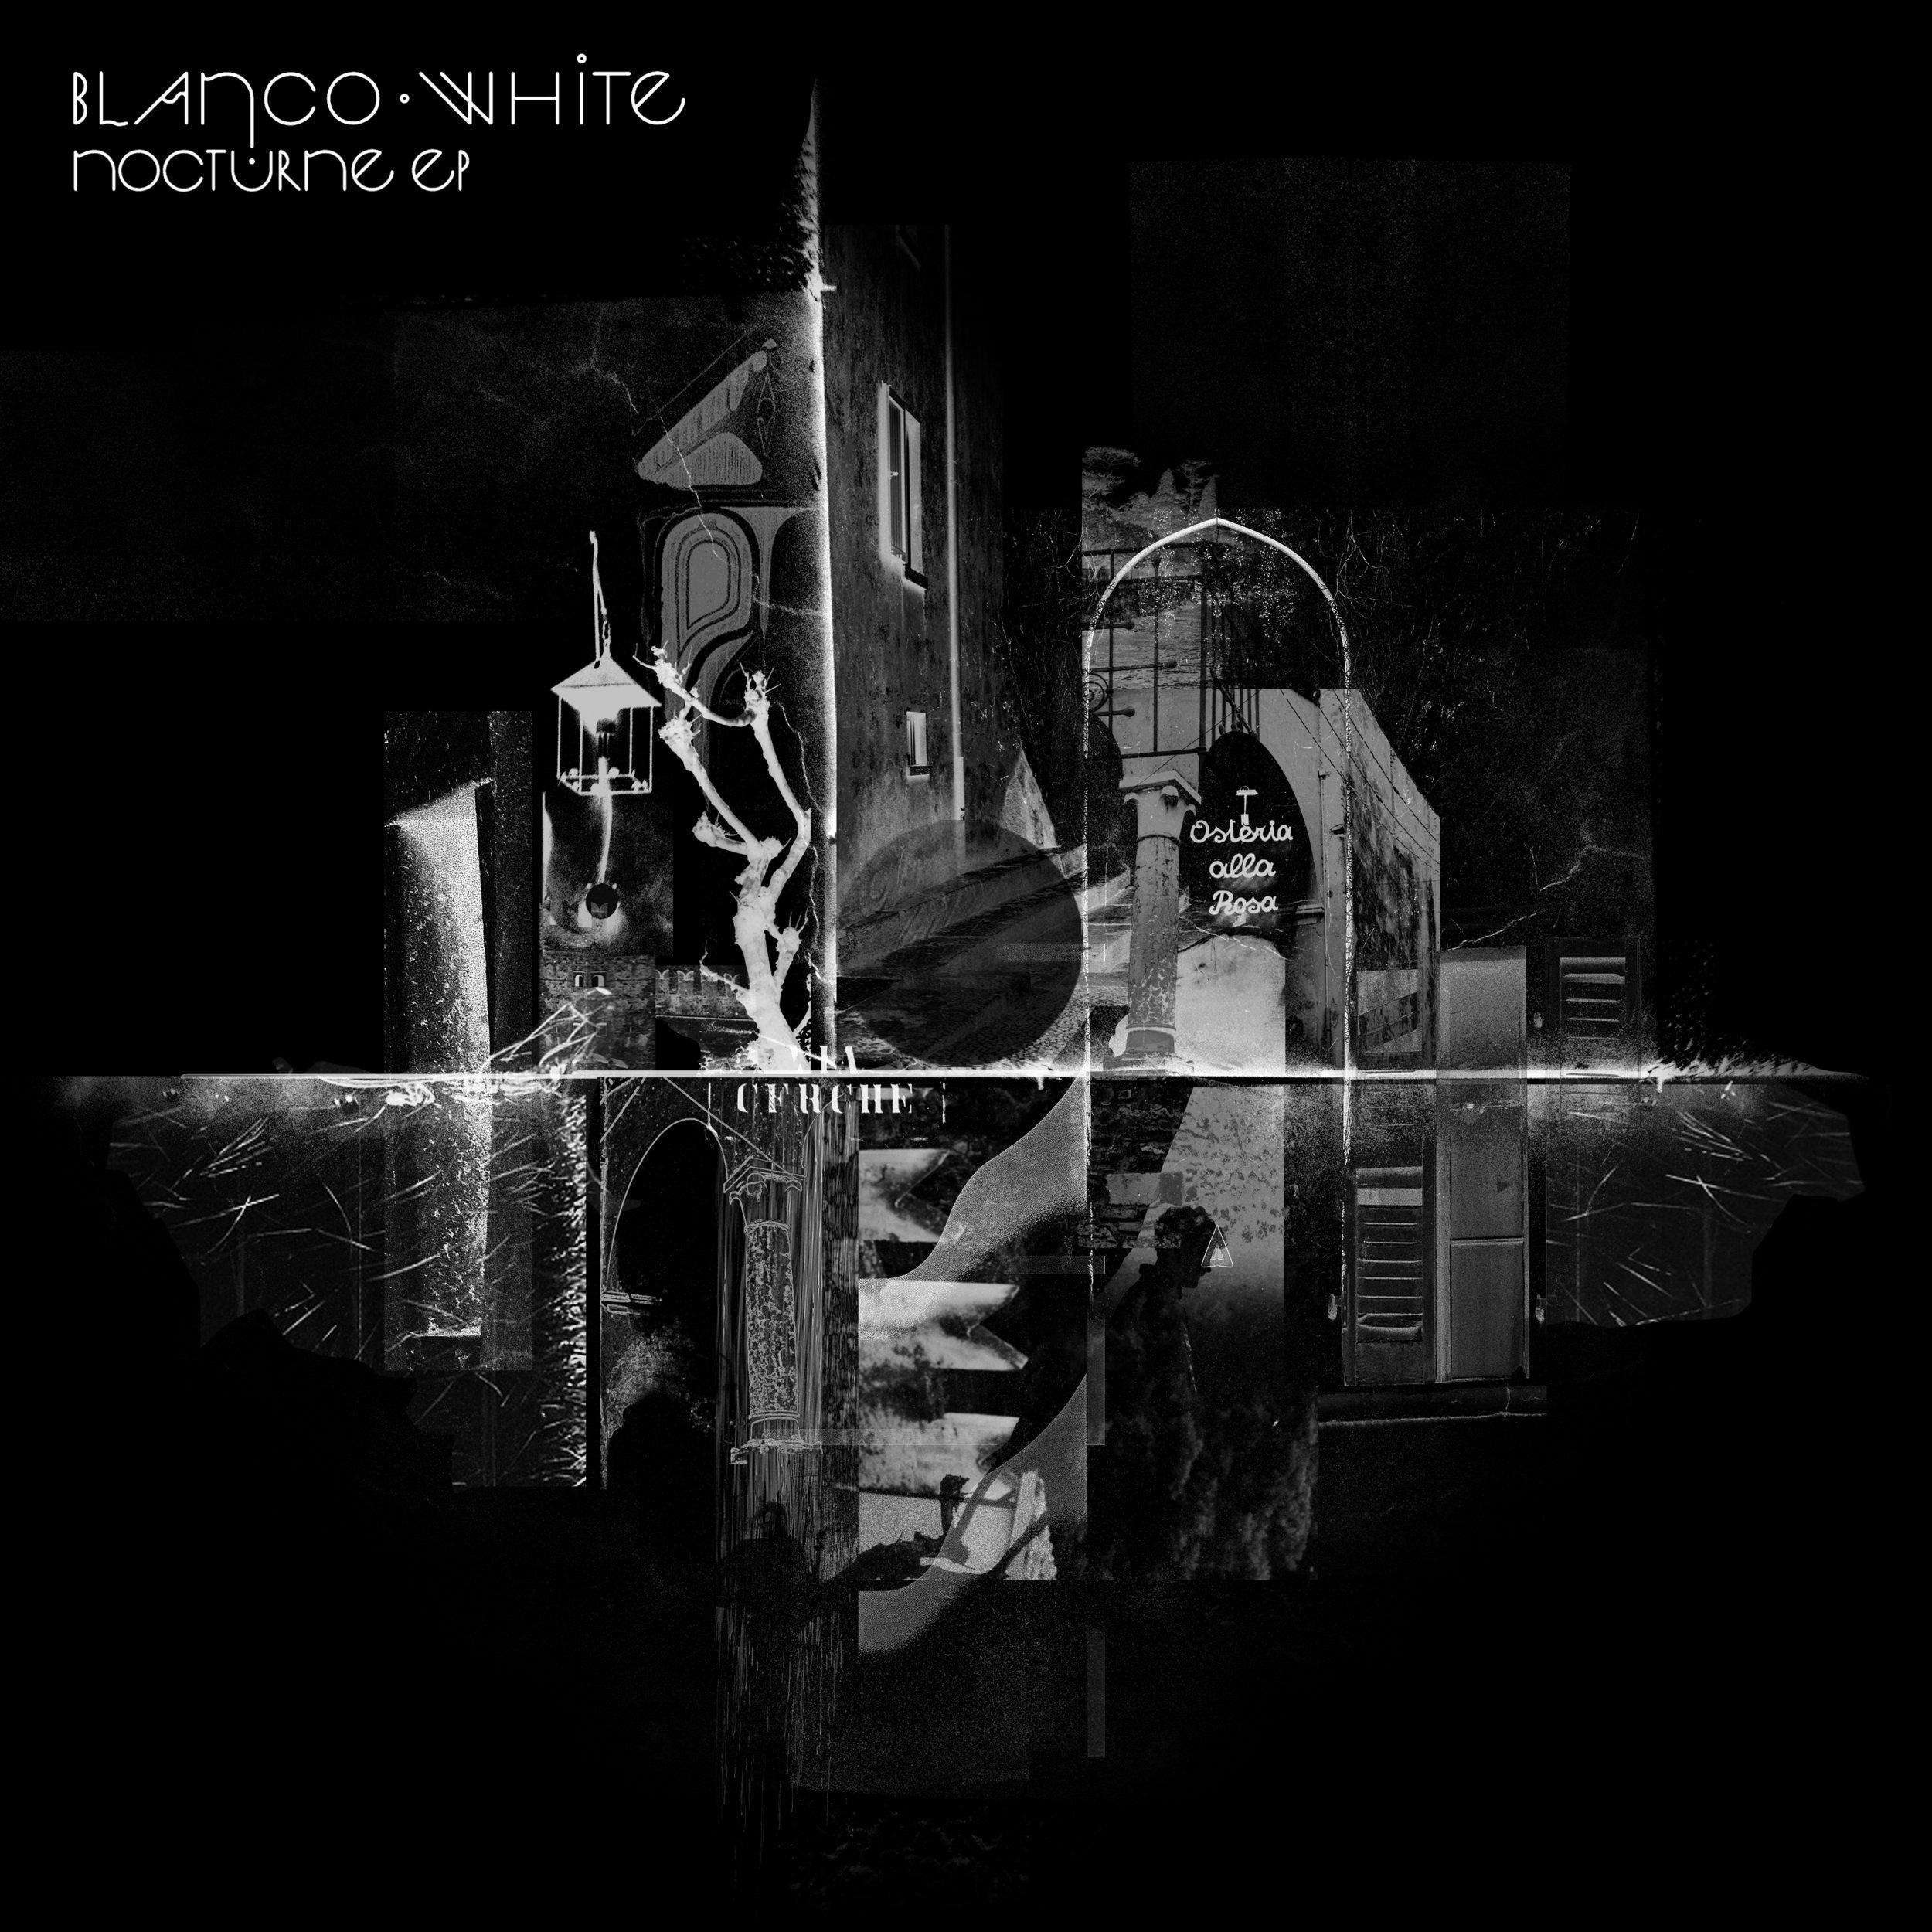 BLANCO WHITE - NOCTURNE EP